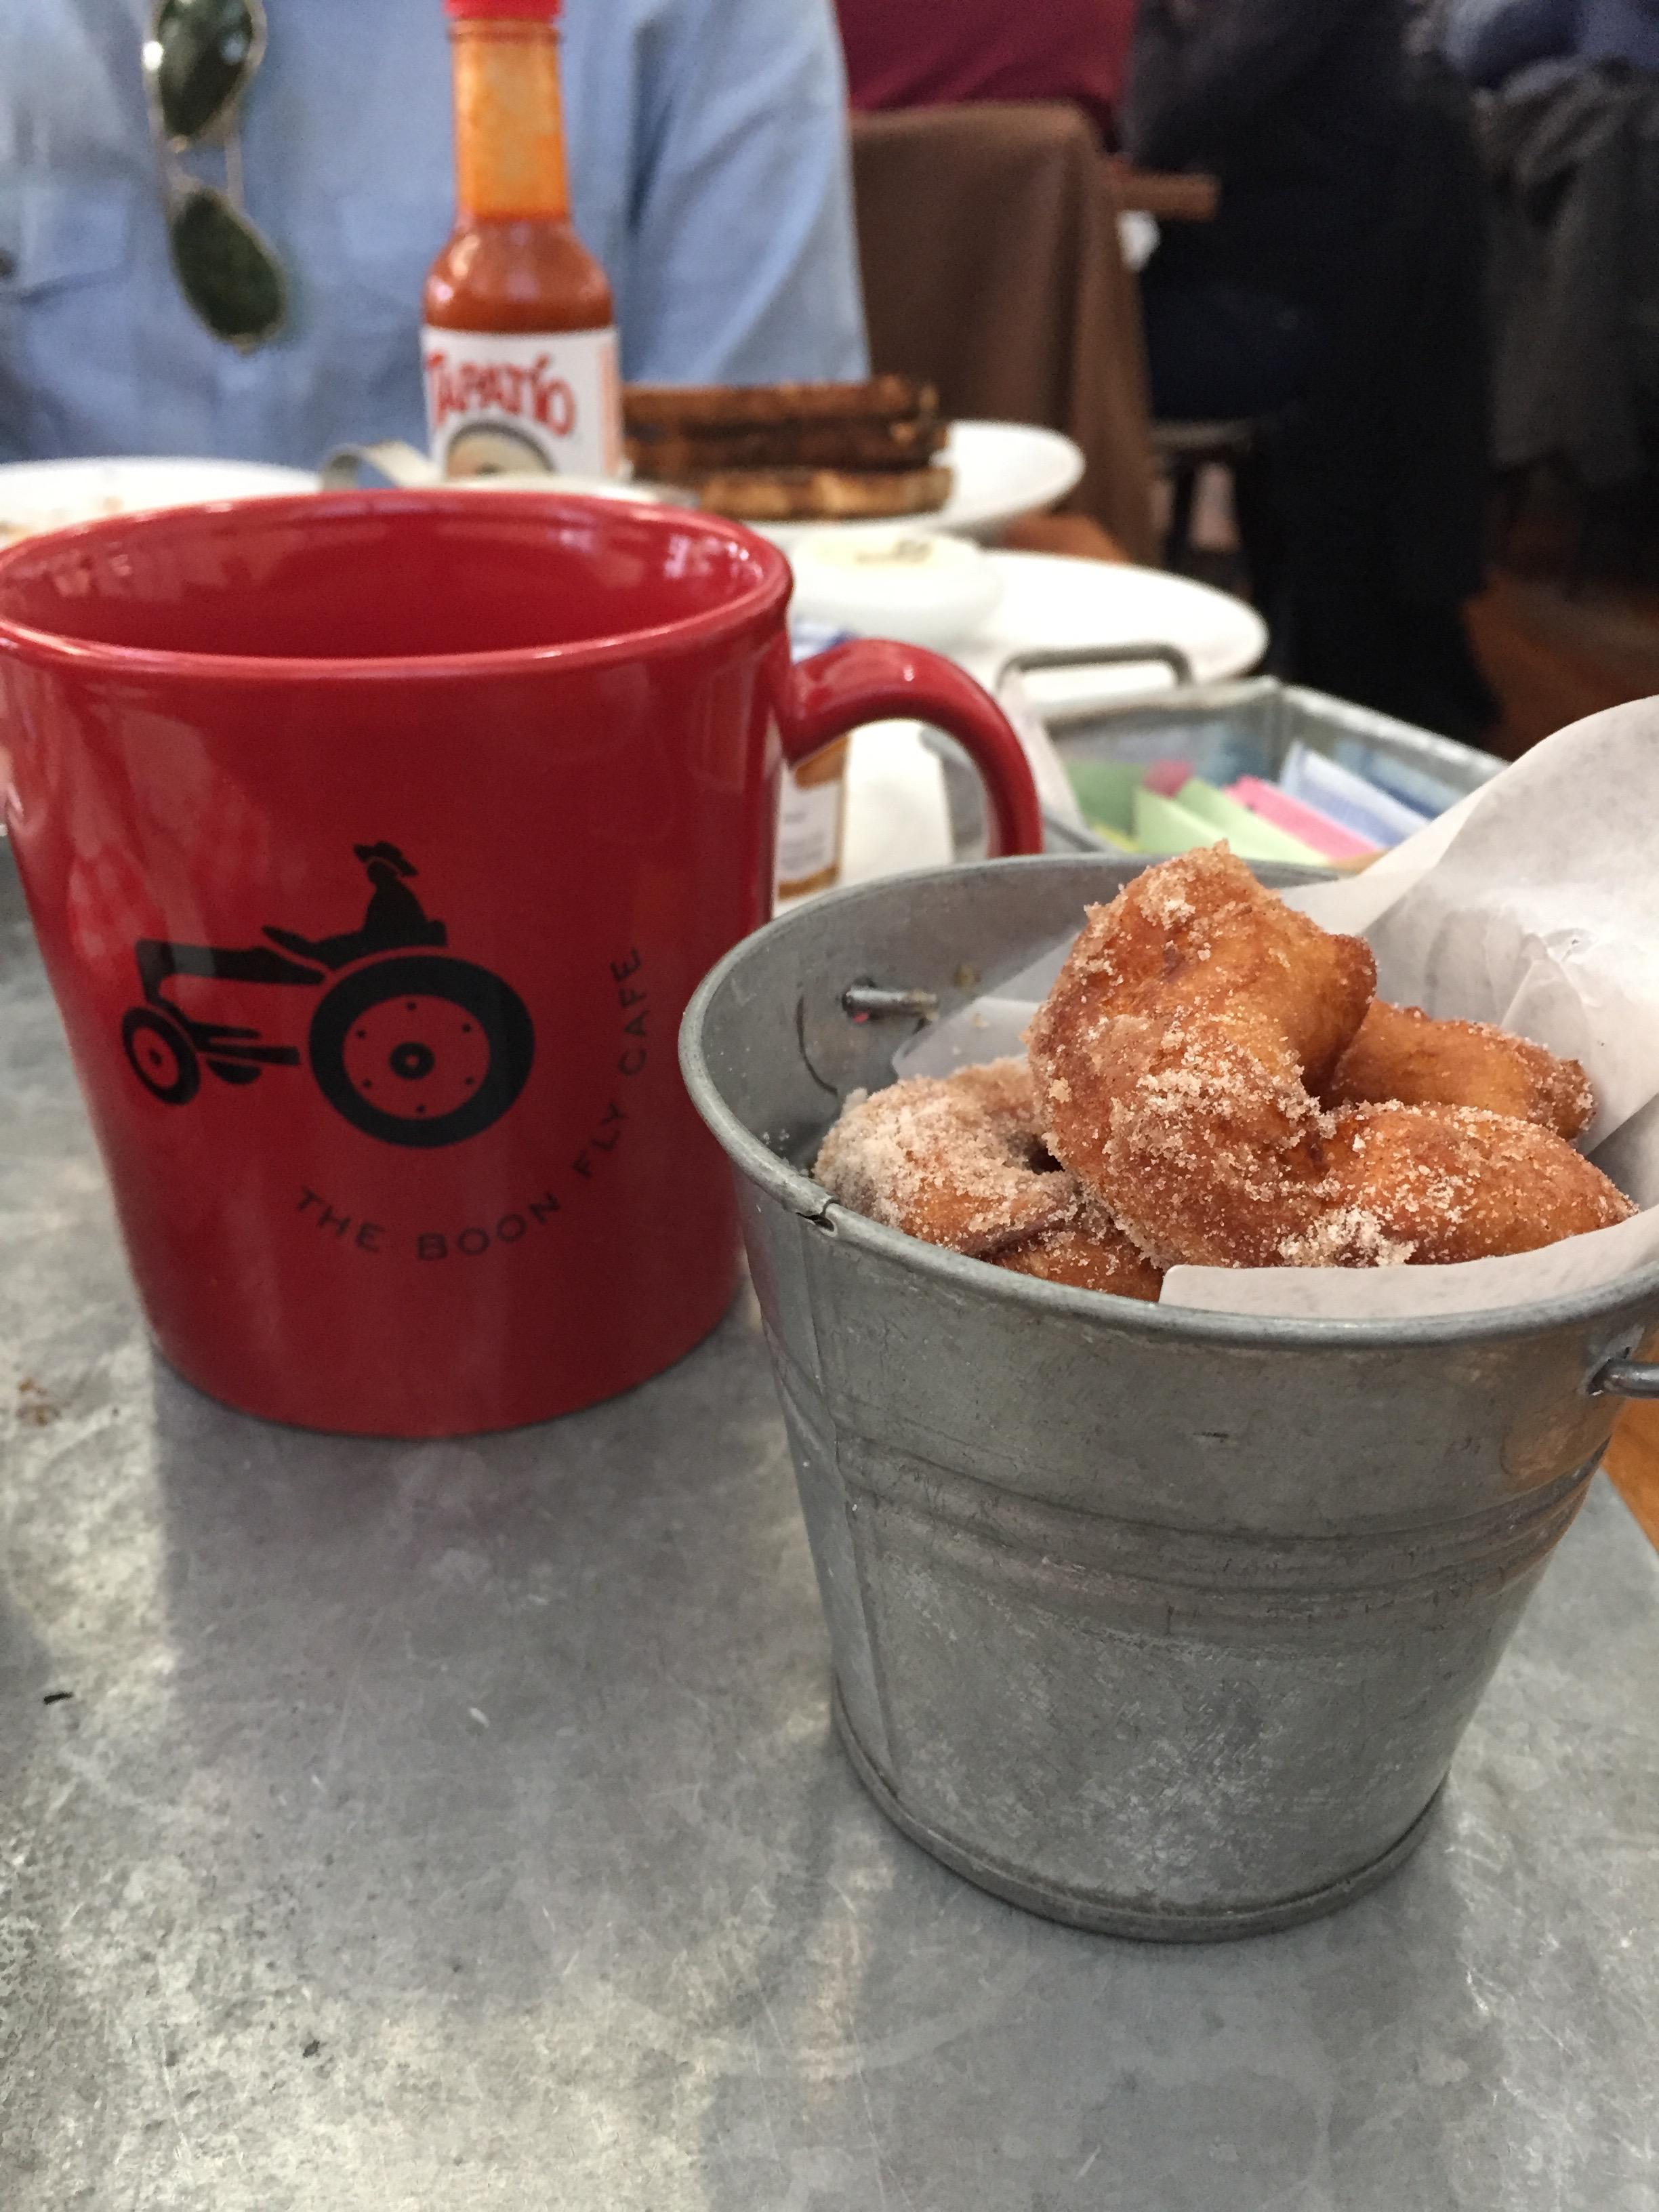 MmmMmm.. Donuts...